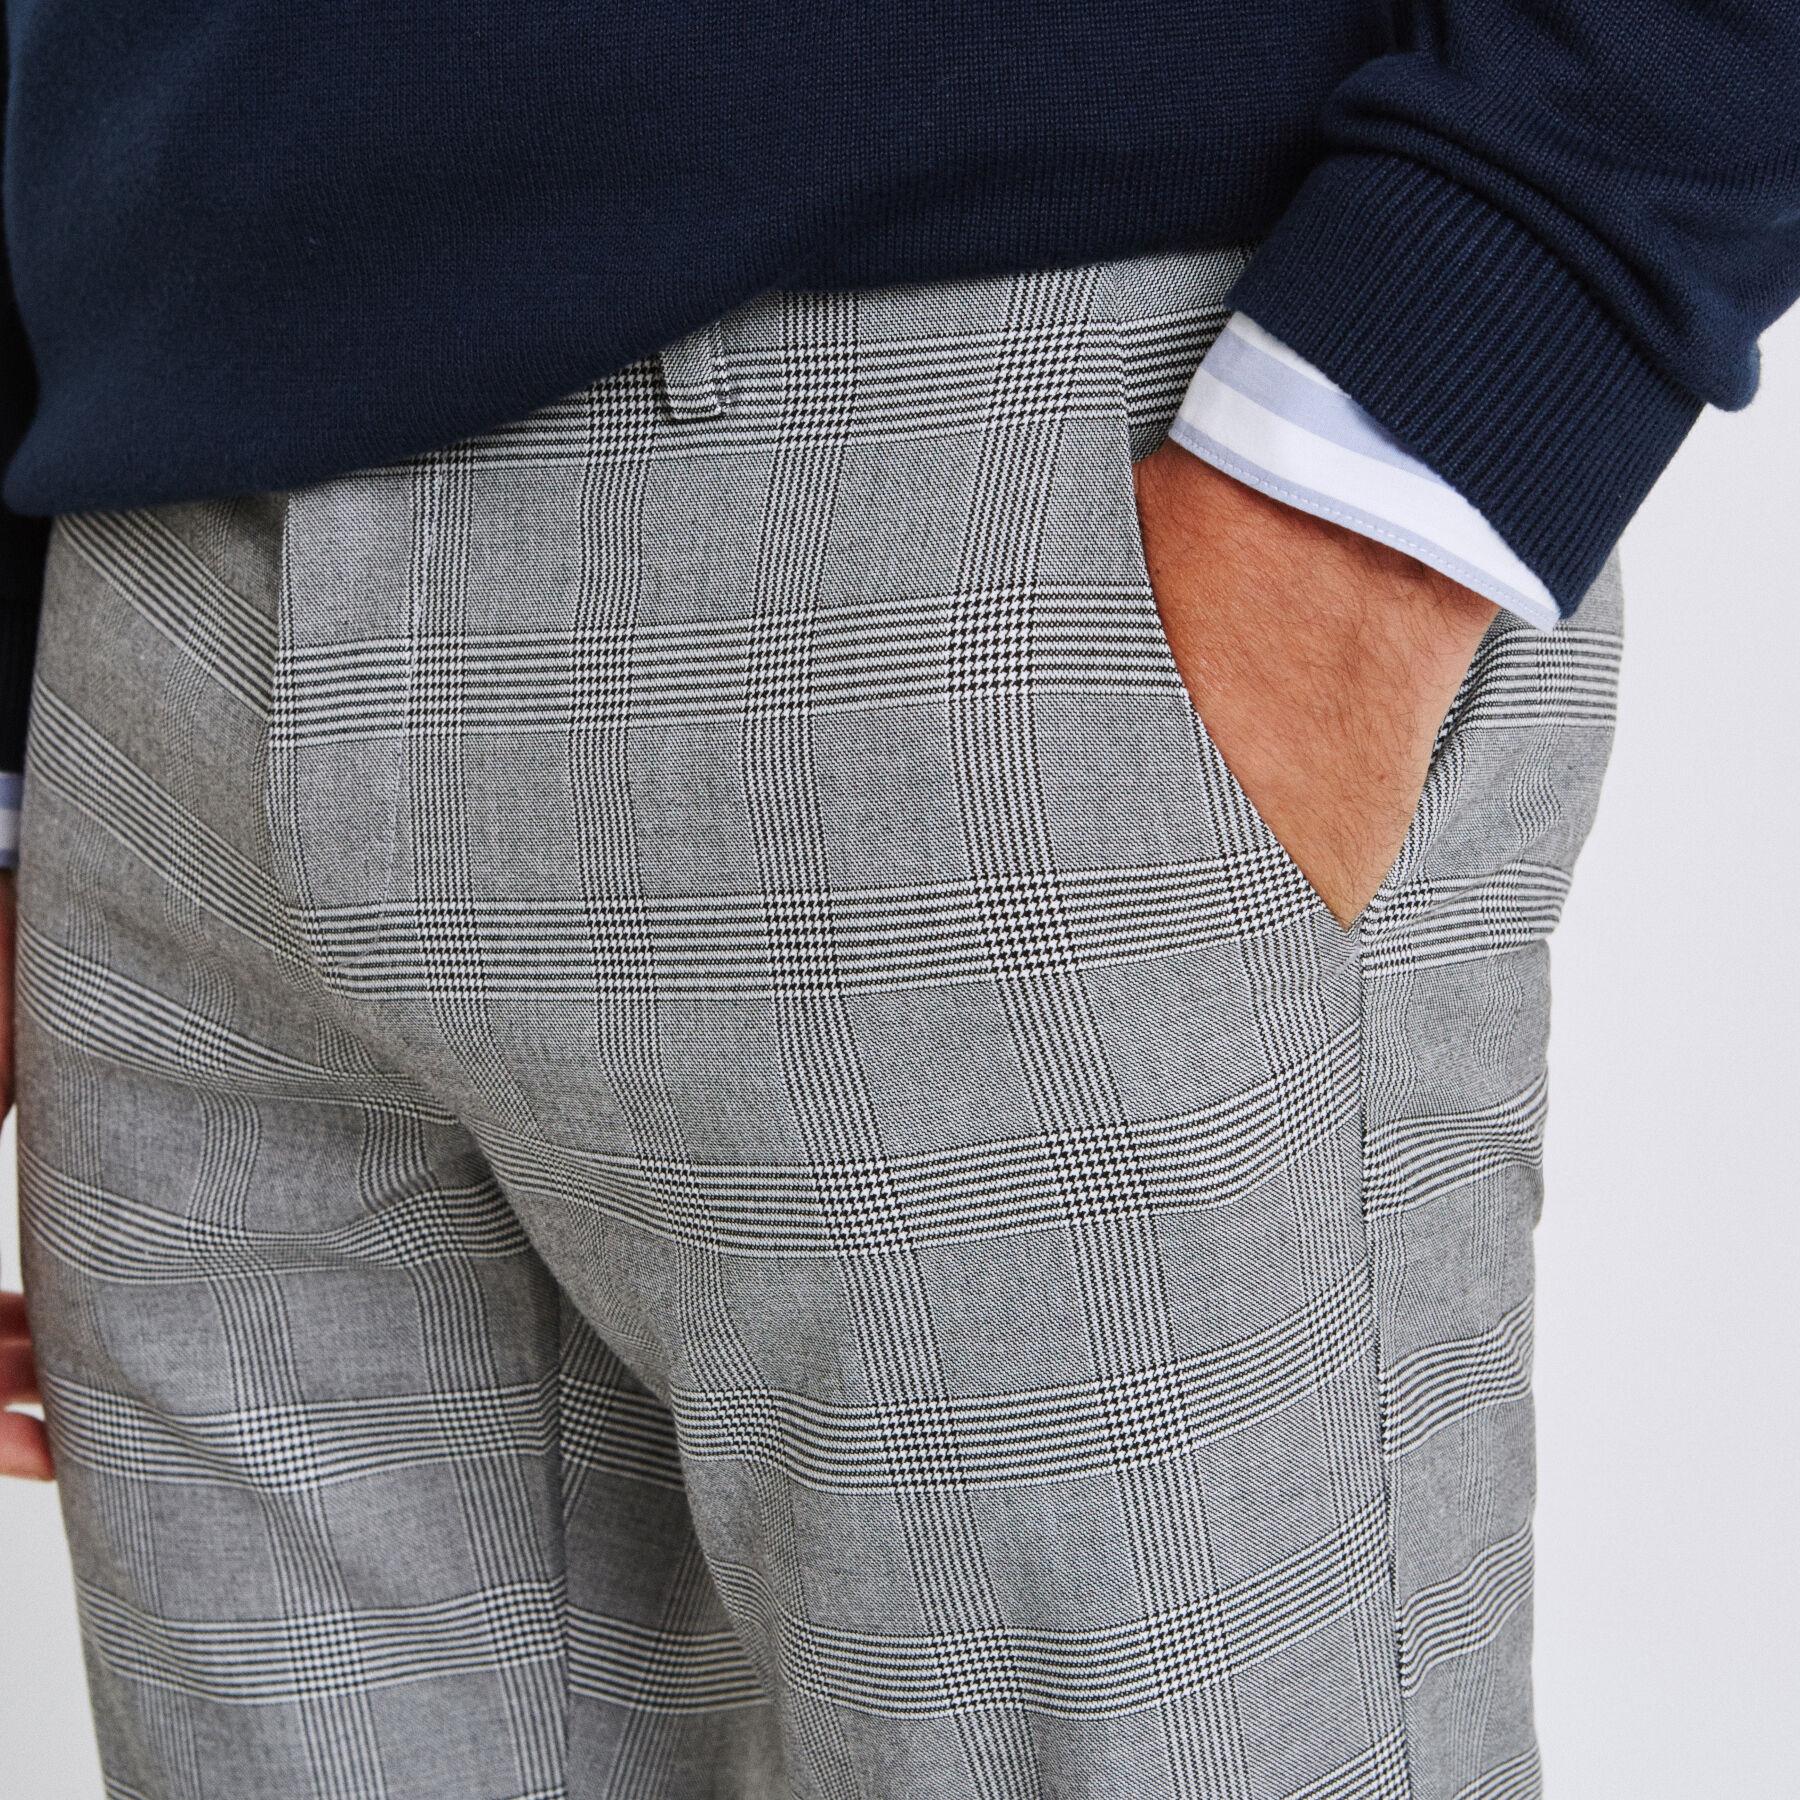 pantalon slim carreaux blanc carreaux homme jules. Black Bedroom Furniture Sets. Home Design Ideas